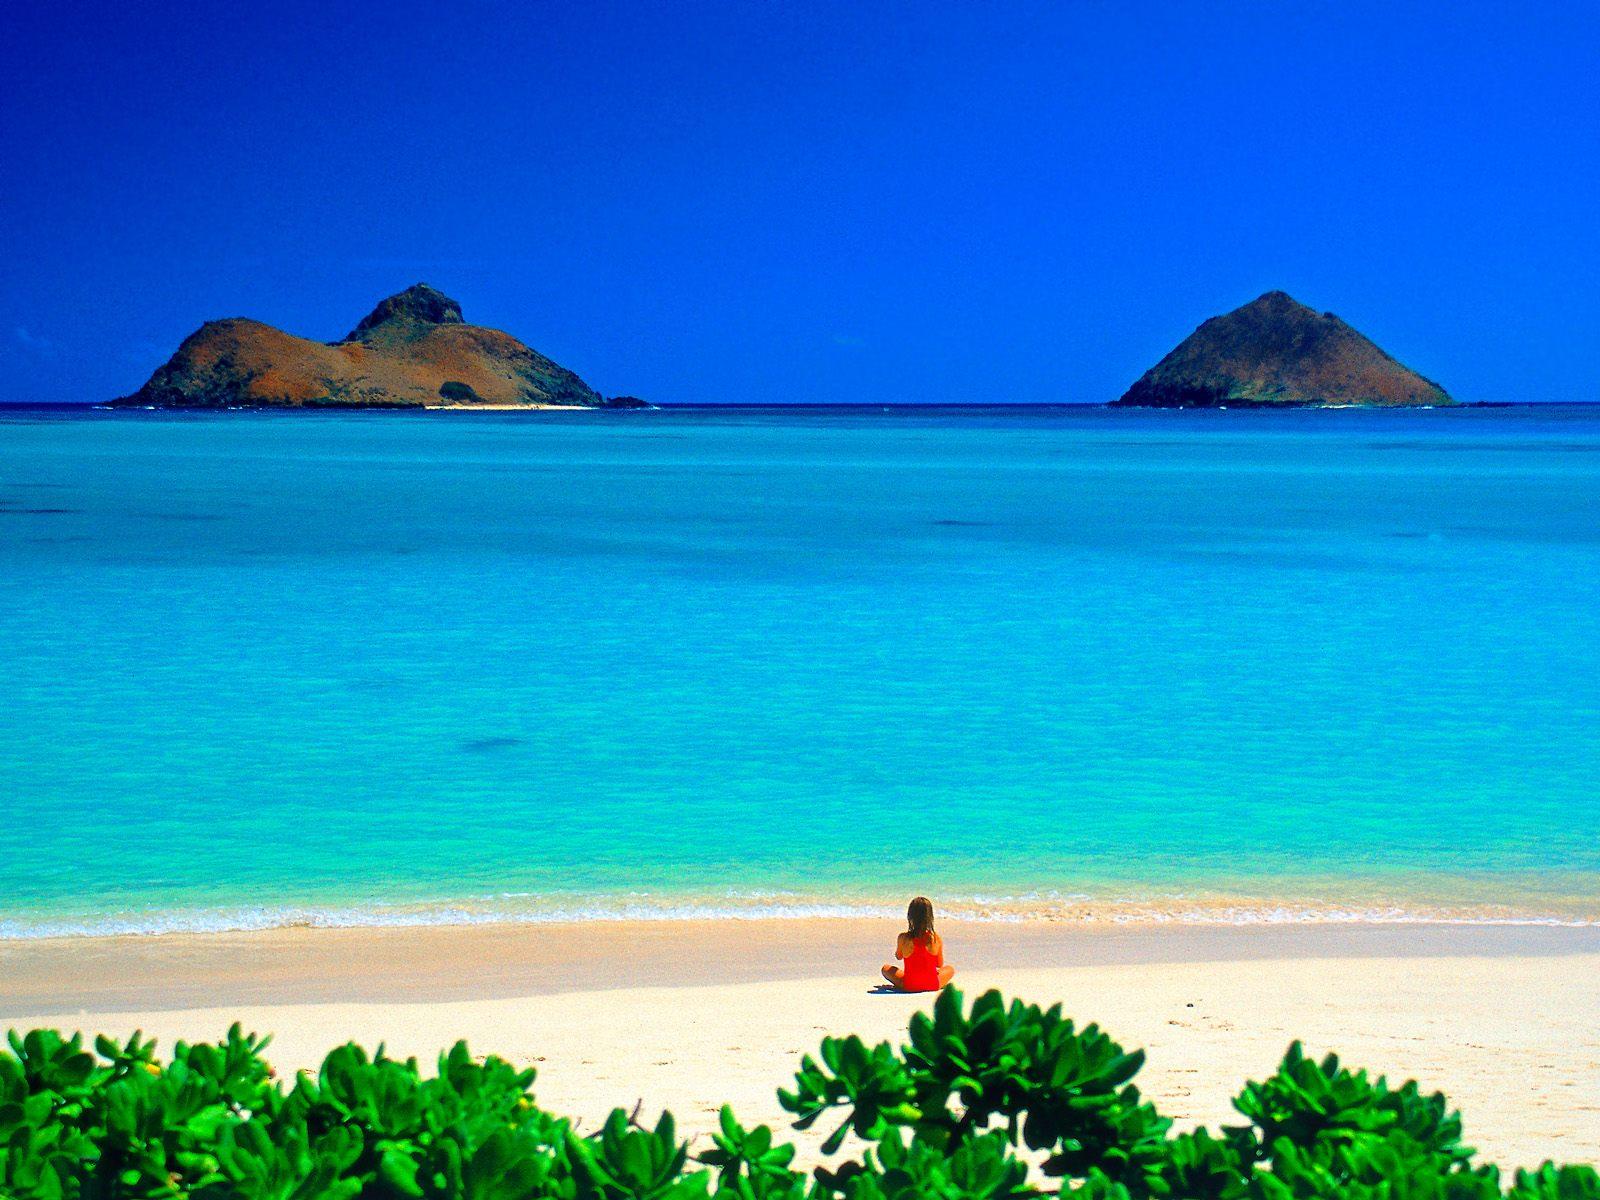 Hawaii 常夏 海 ハワイの美しい壁紙 風景 自然 Naver まとめ